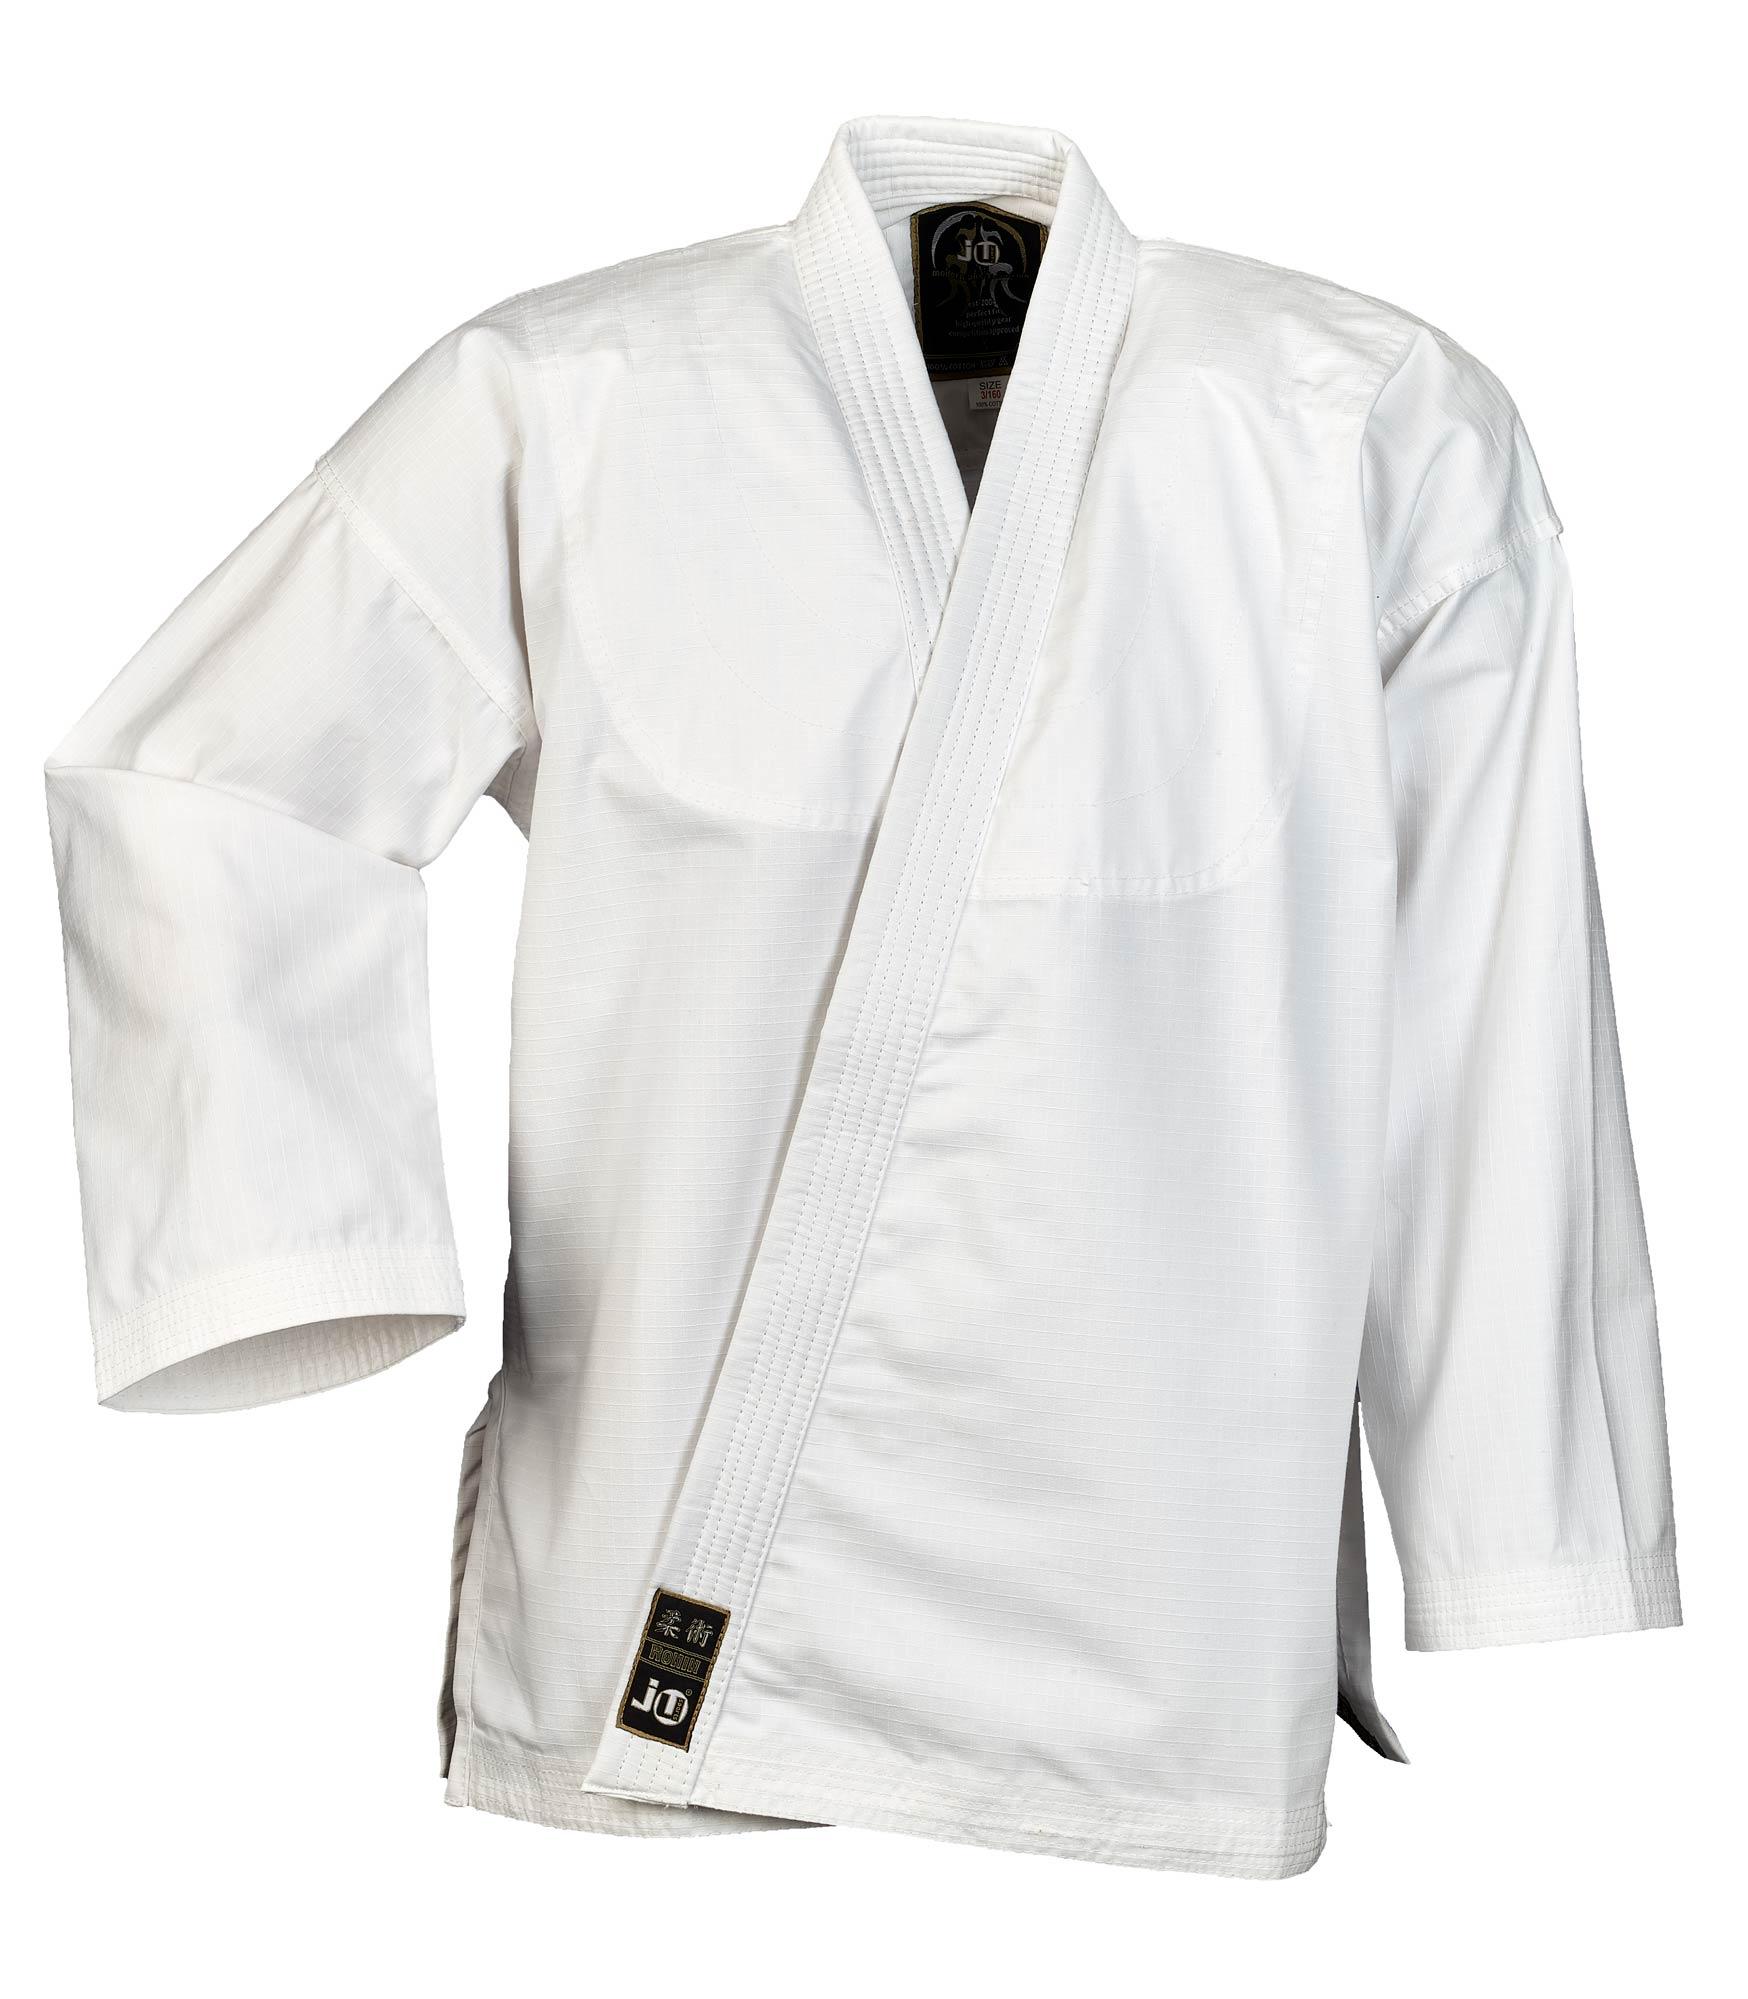 """Judoanzug /""""Competition 800g/"""" Judo Anzug Ju-Sports Ju-Jutsu Anzug"""